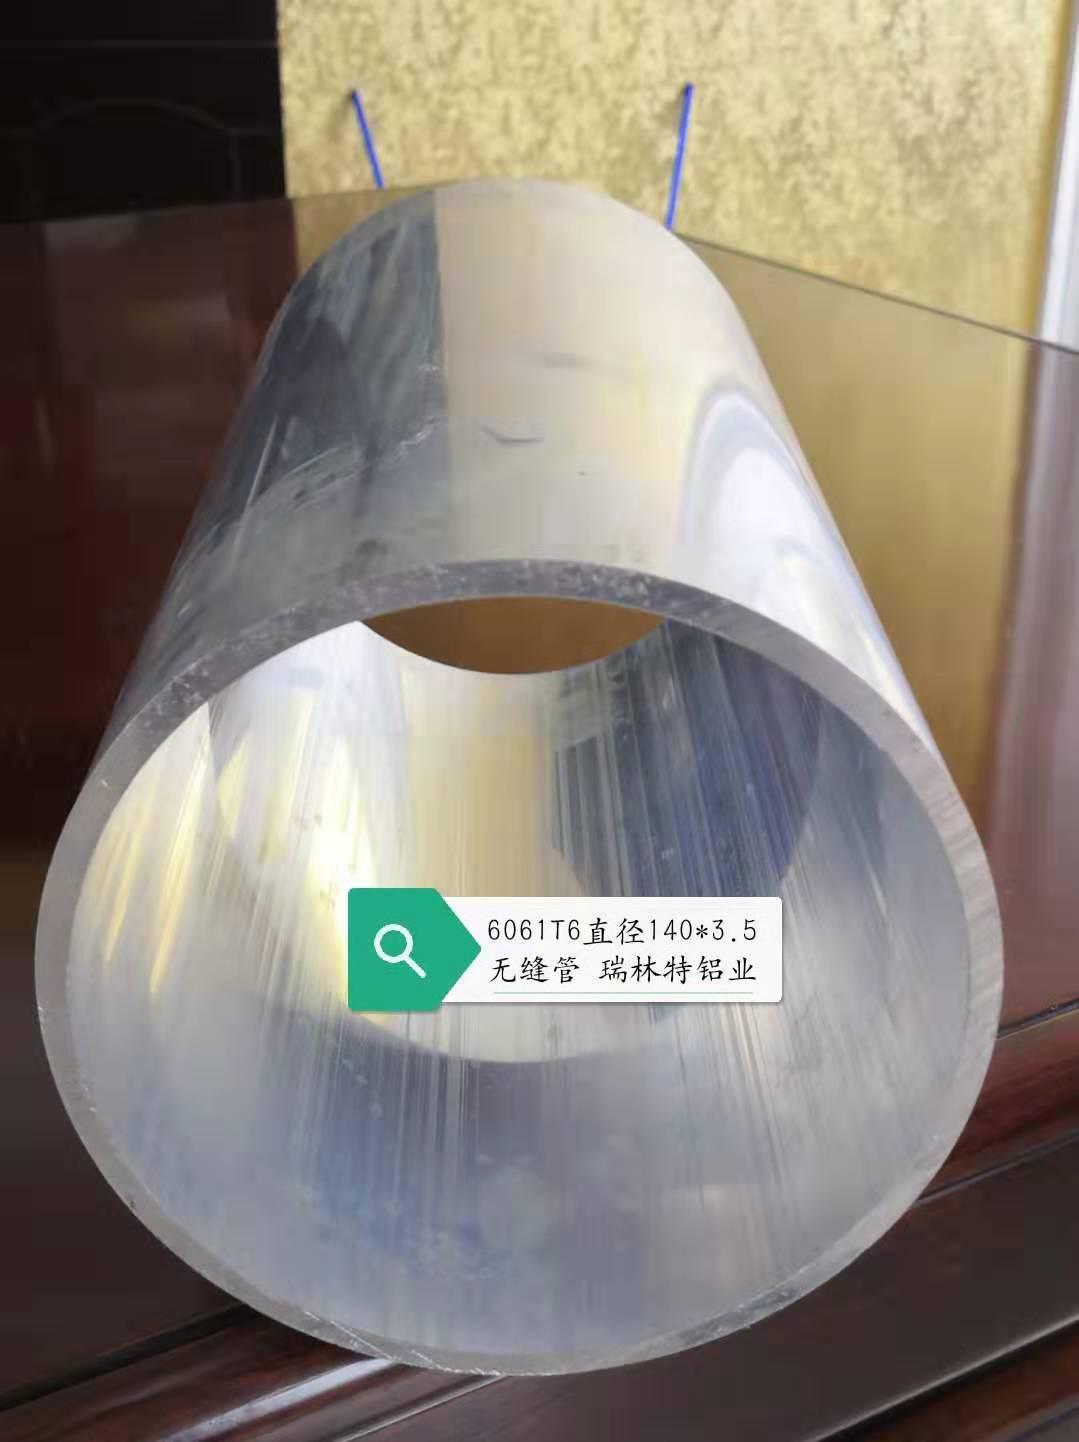 6063无缝铝管销售电话,无缝铝管